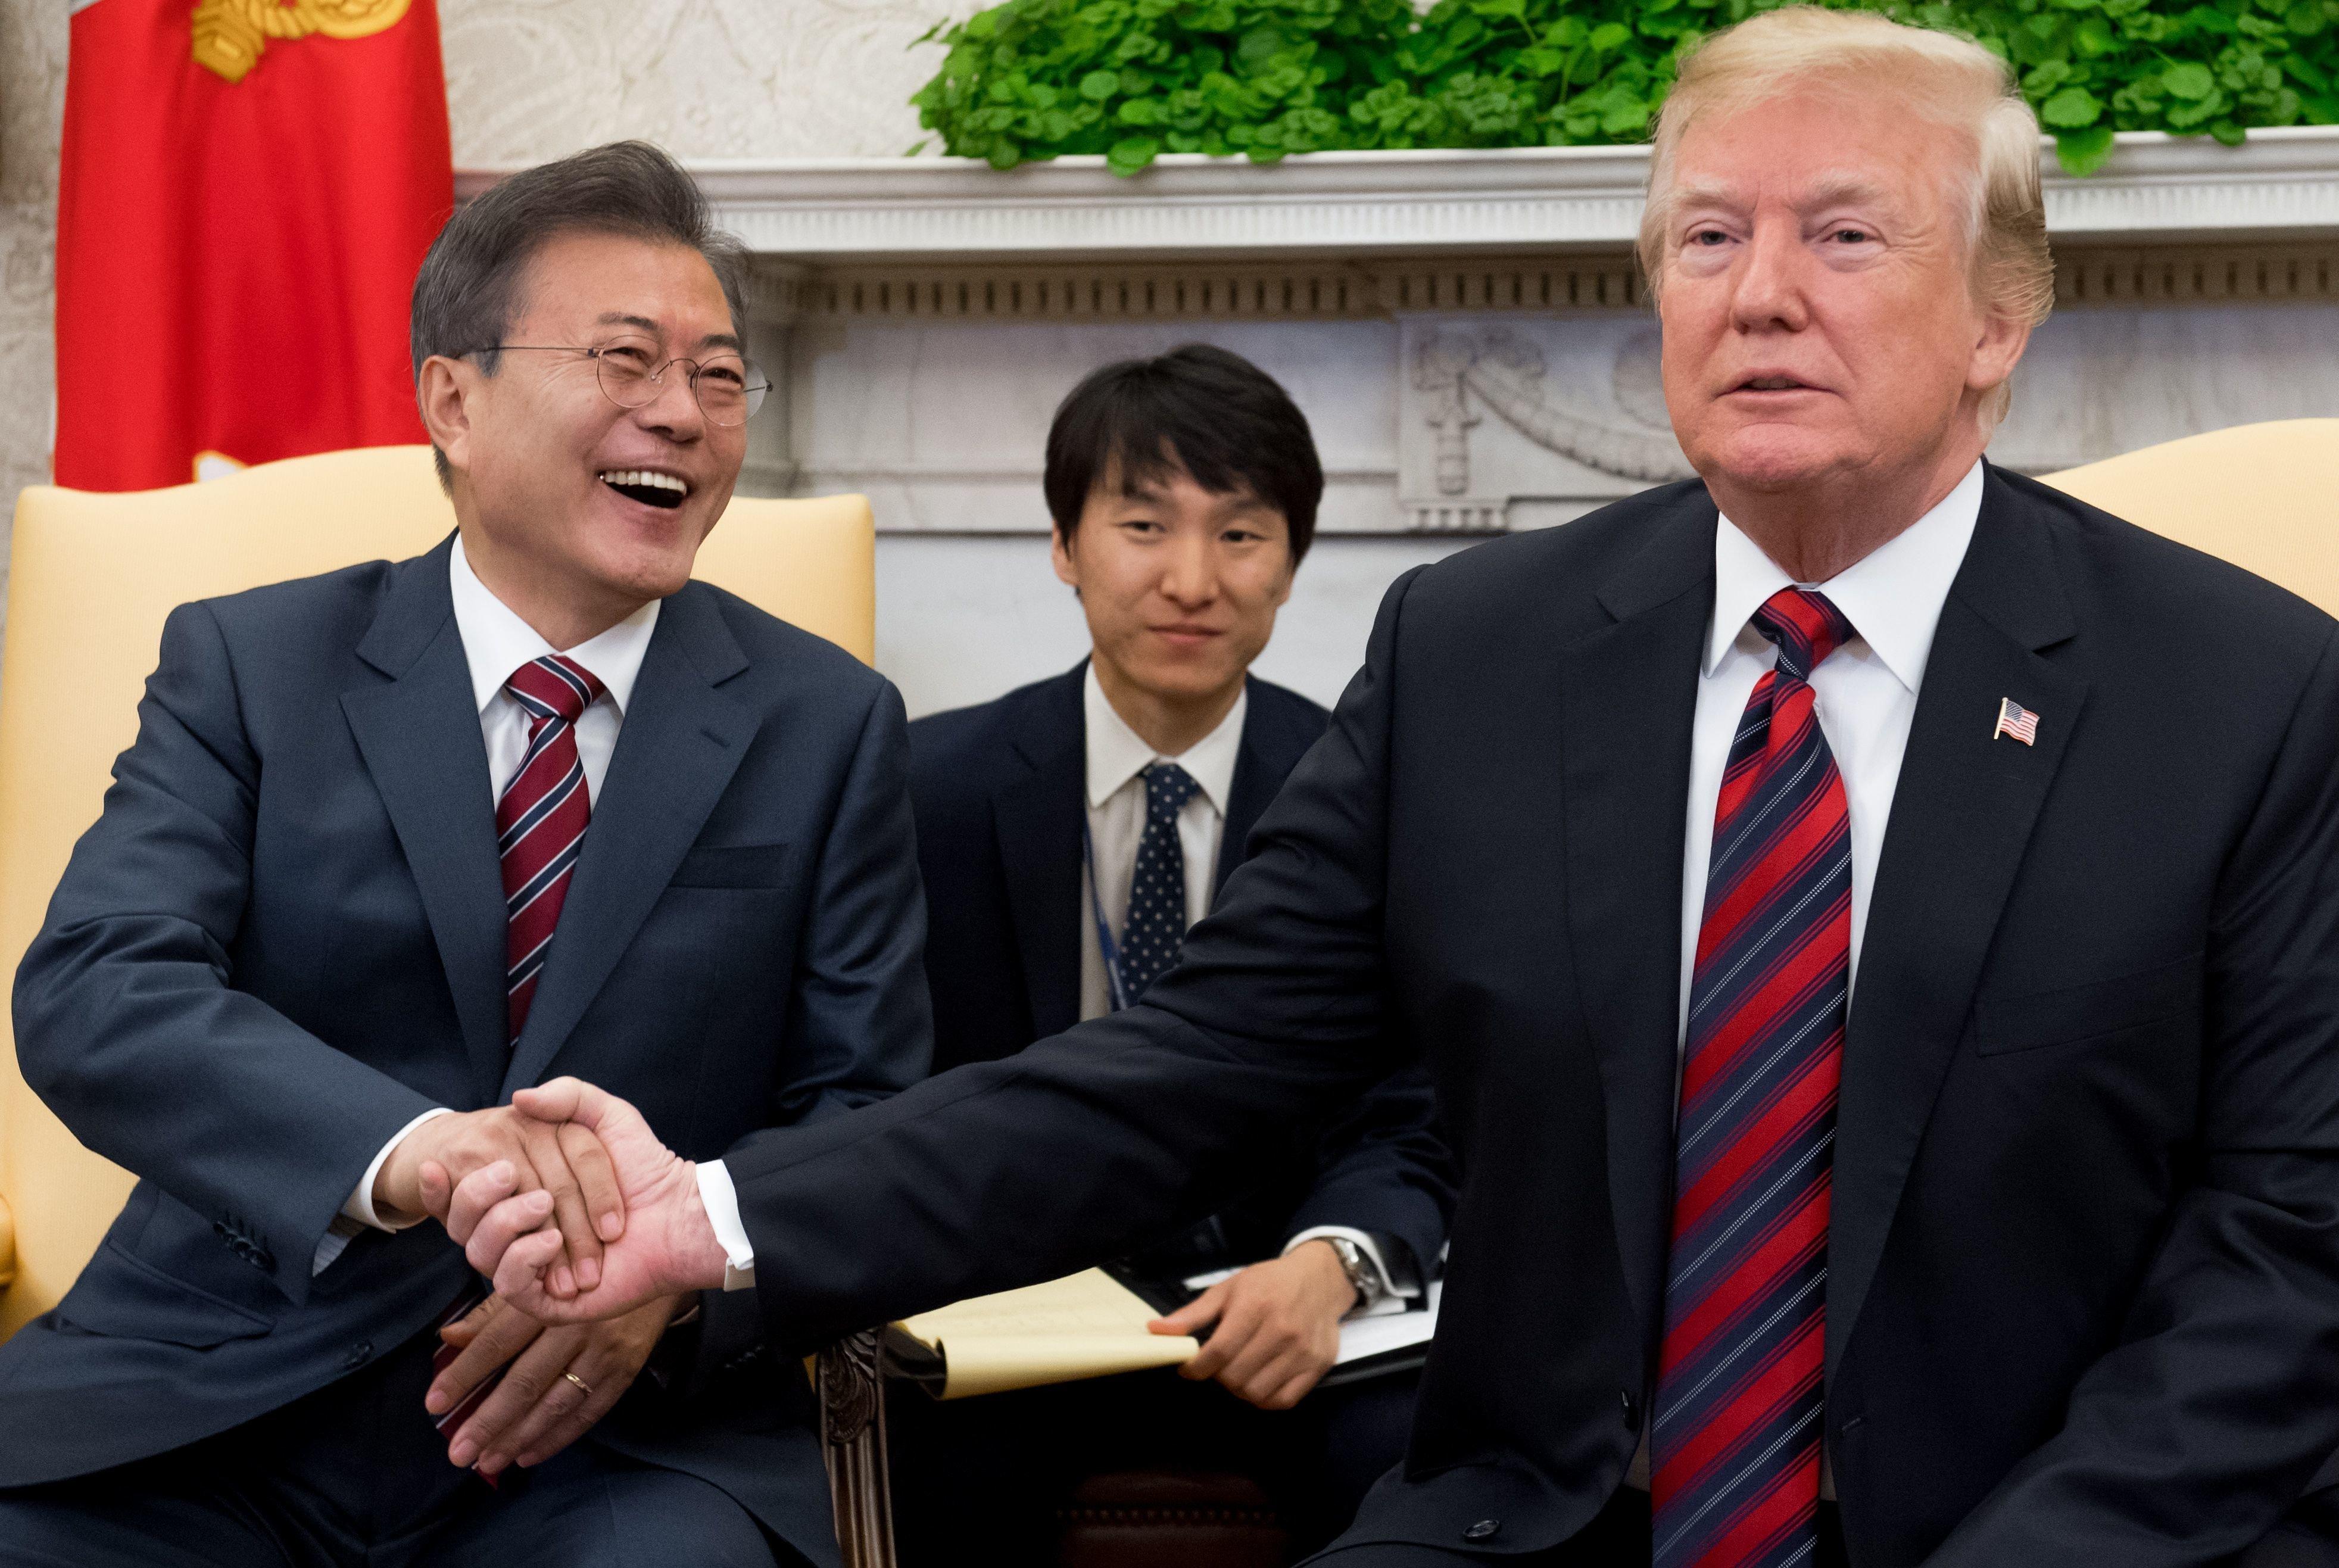 문대통령은 트럼프를 만나 '한국어 특강'을 해야